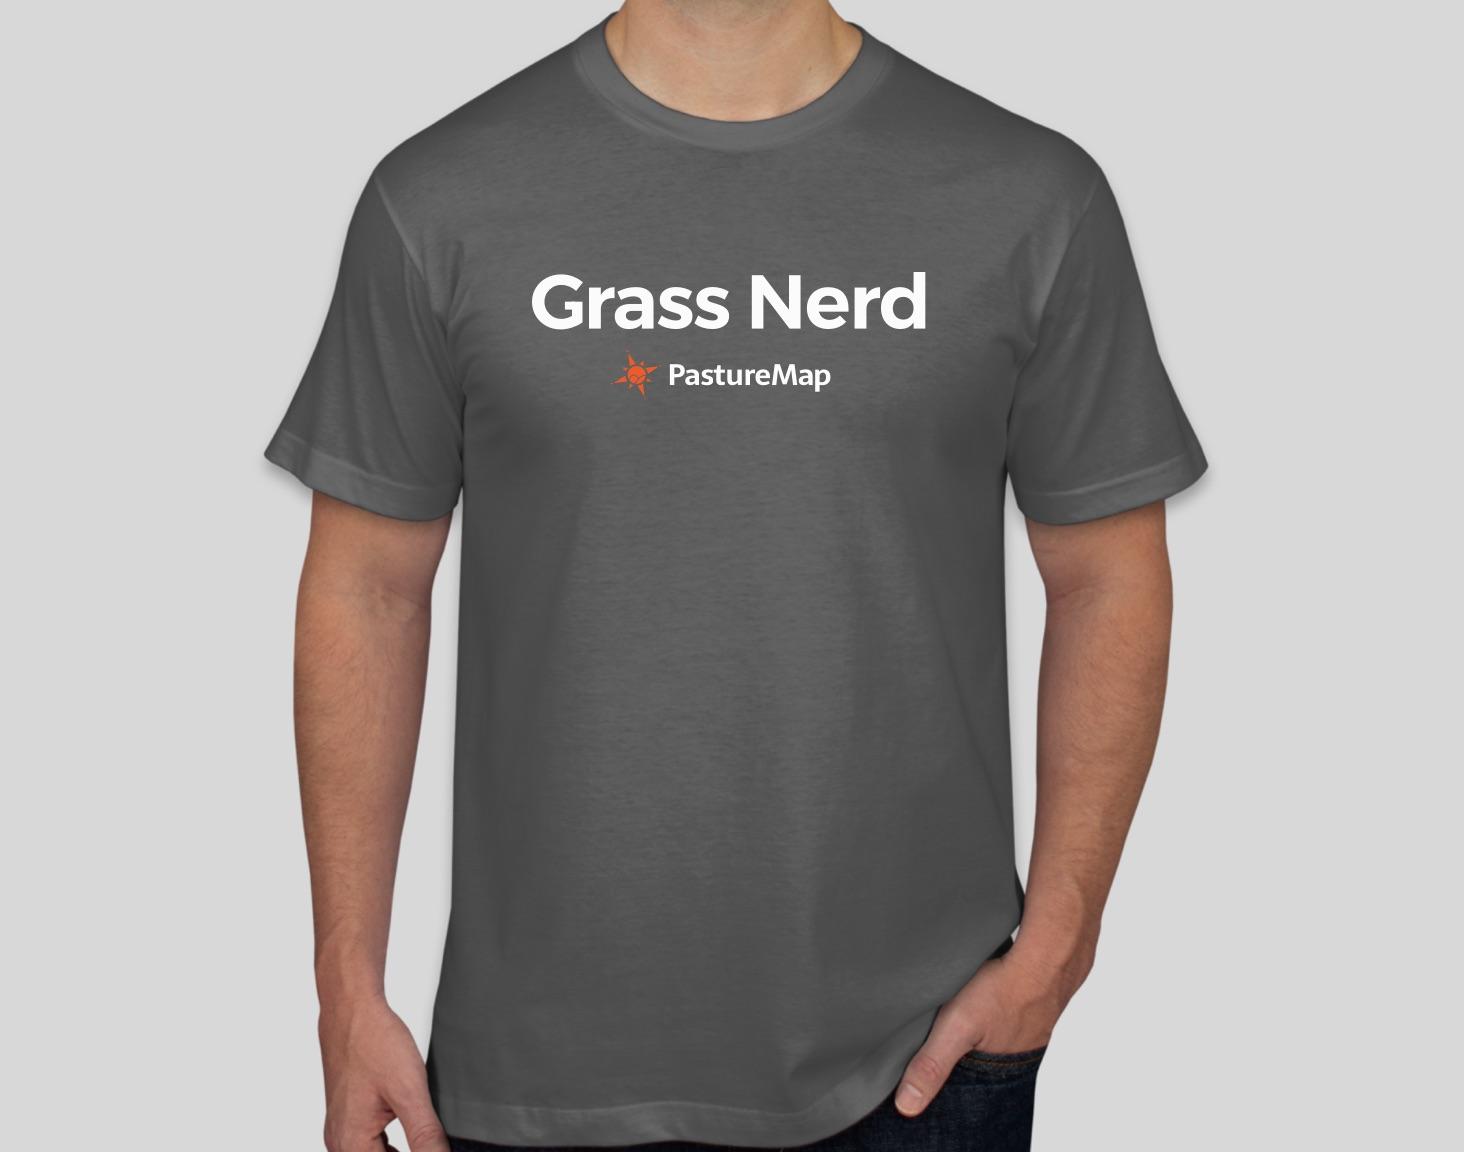 Grass Nerd Front